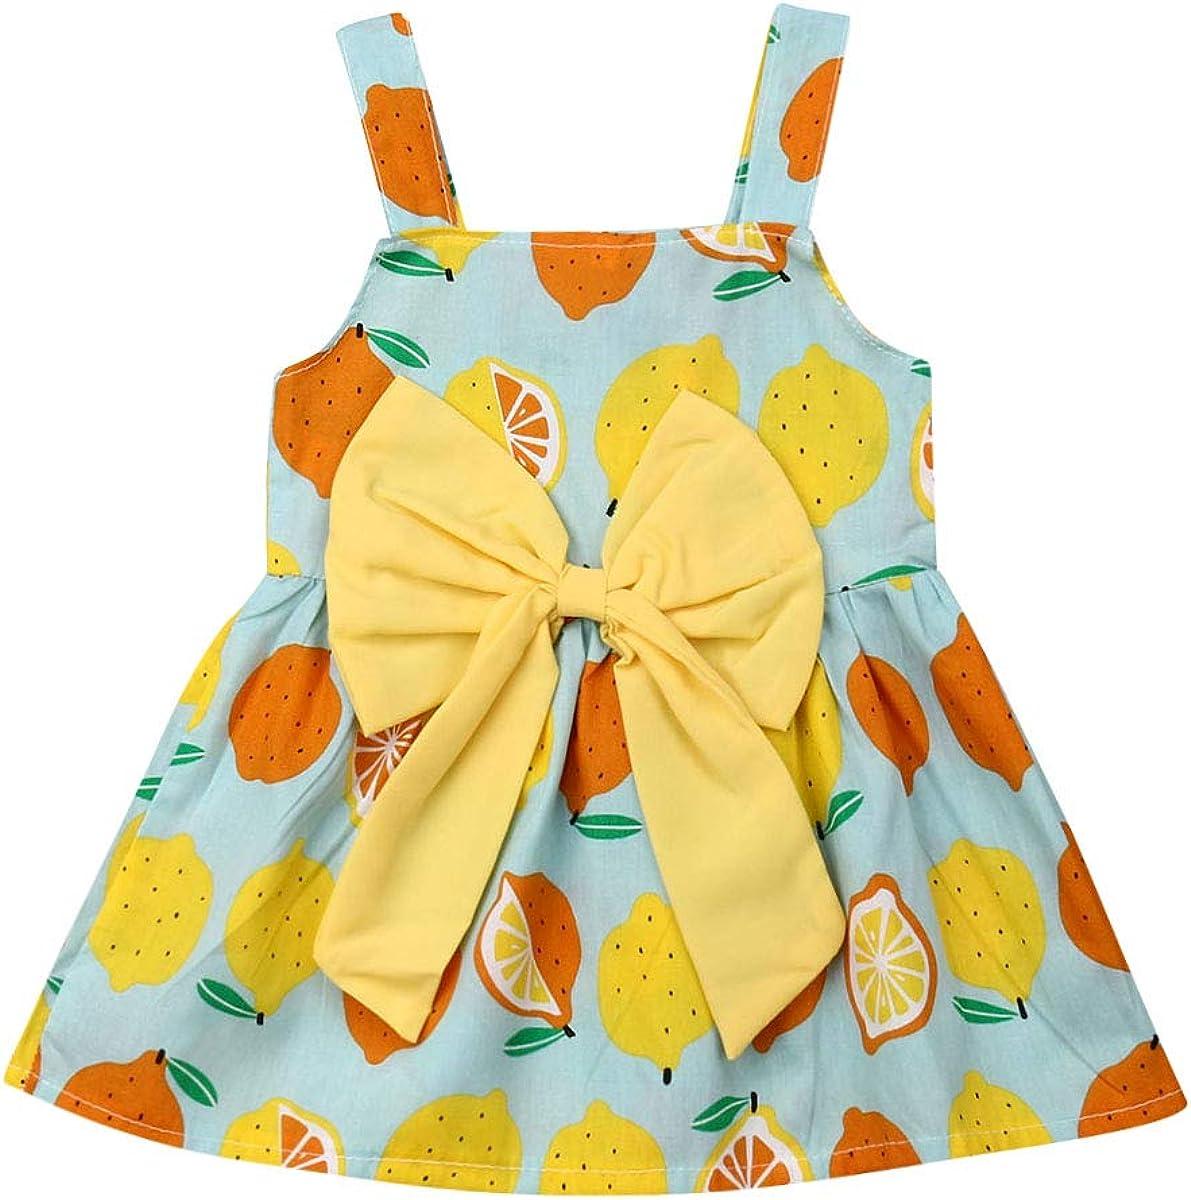 Dookingup Toddler Baby Girls Fruit Strap Dress Print High order Sleeveless Ranking TOP6